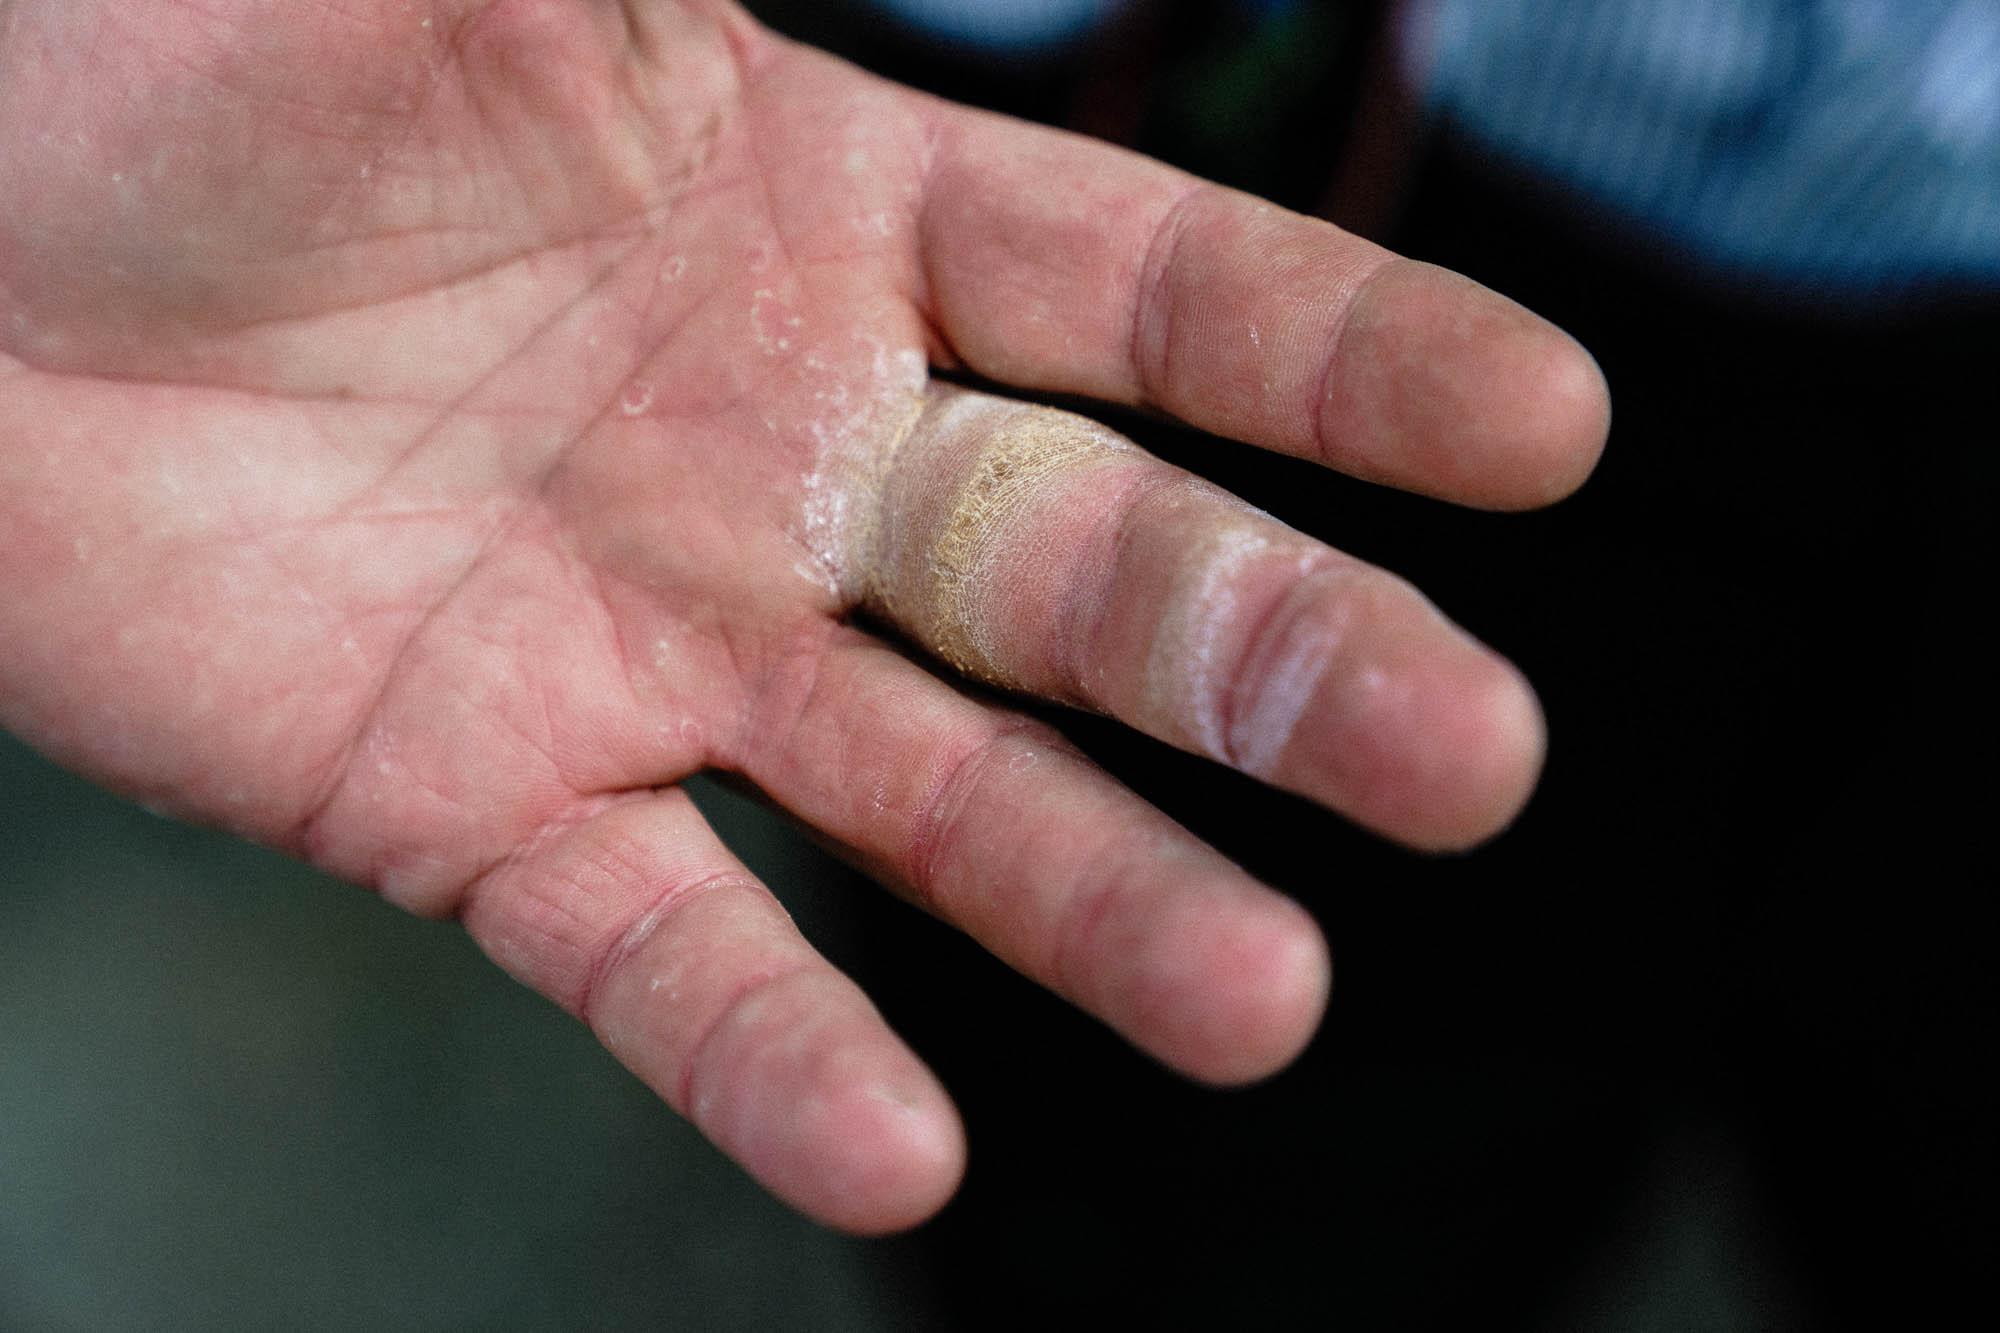 Die Hand eines Fingerhaklers mit dicker Hornhaut am Mittelfinger